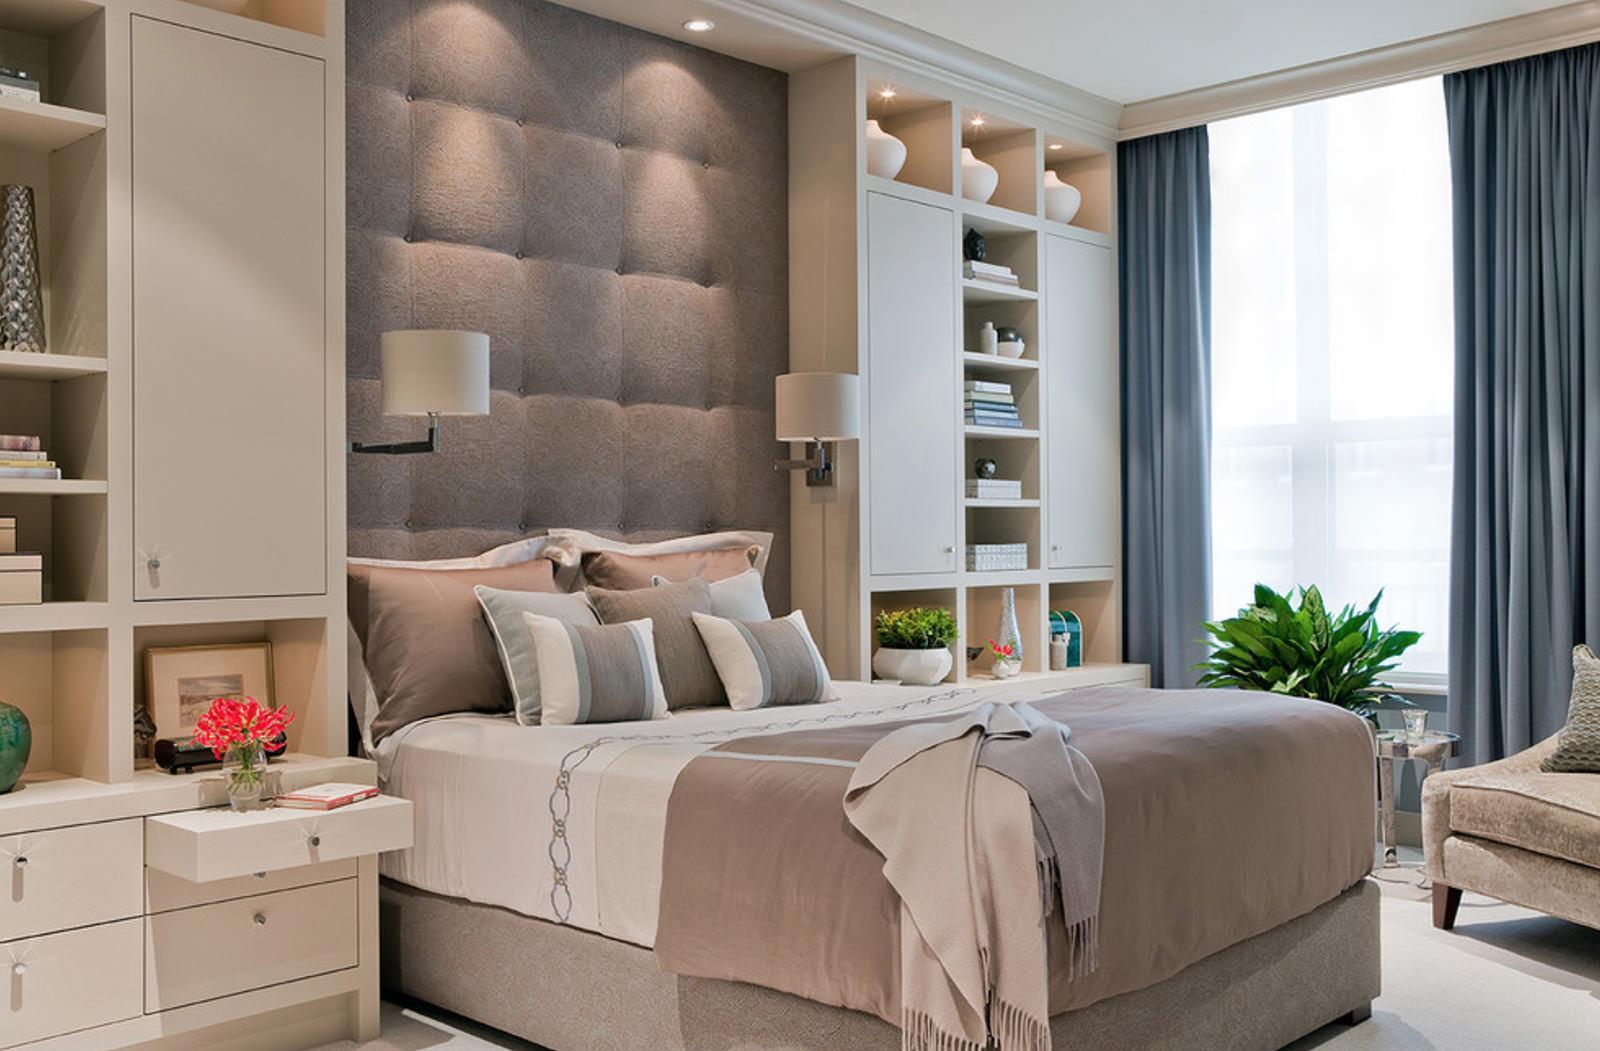 Теплые цвета делают спальню уютной